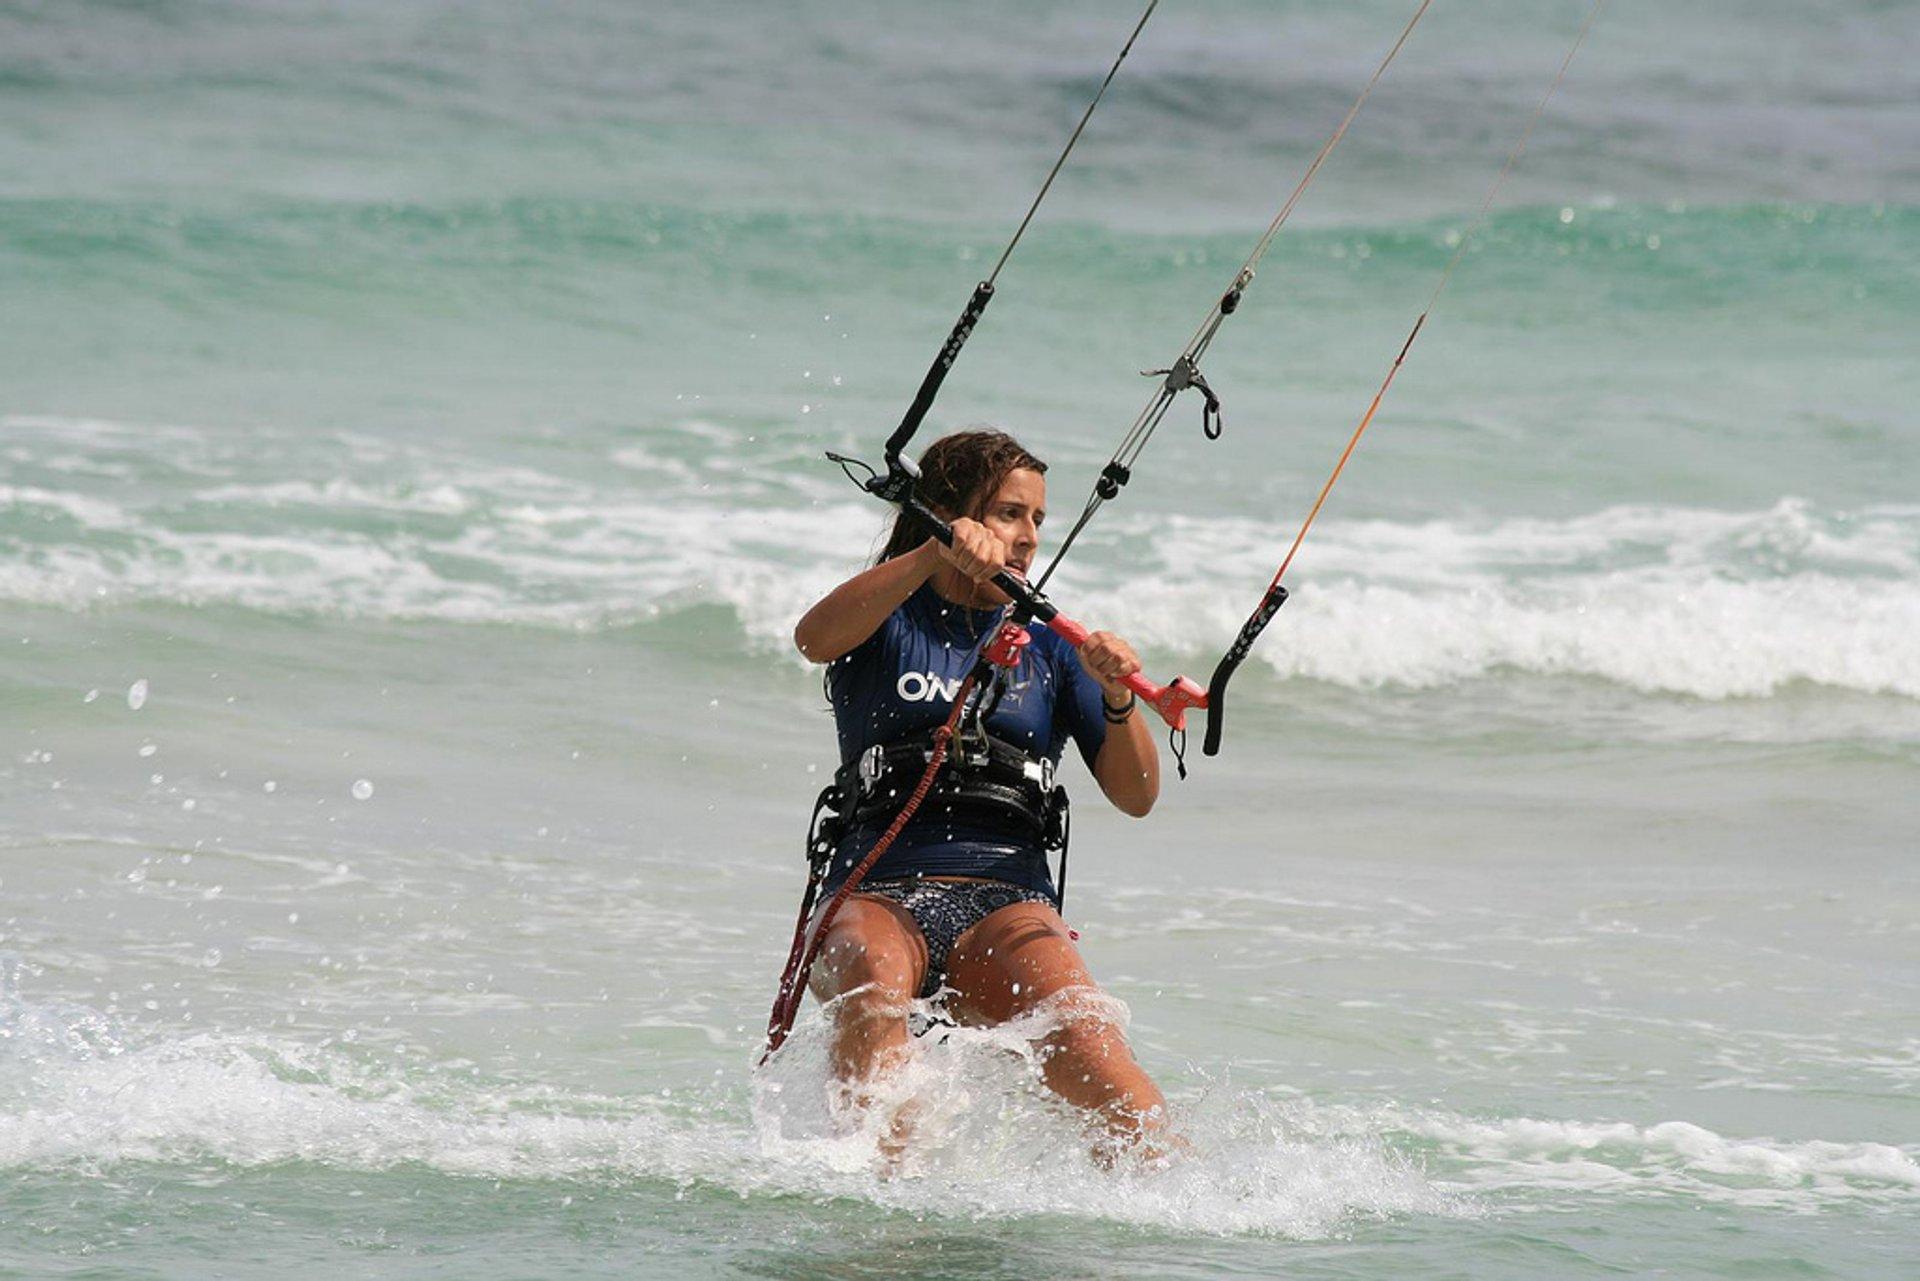 Kitesurfing in Mallorca 2020 - Best Time